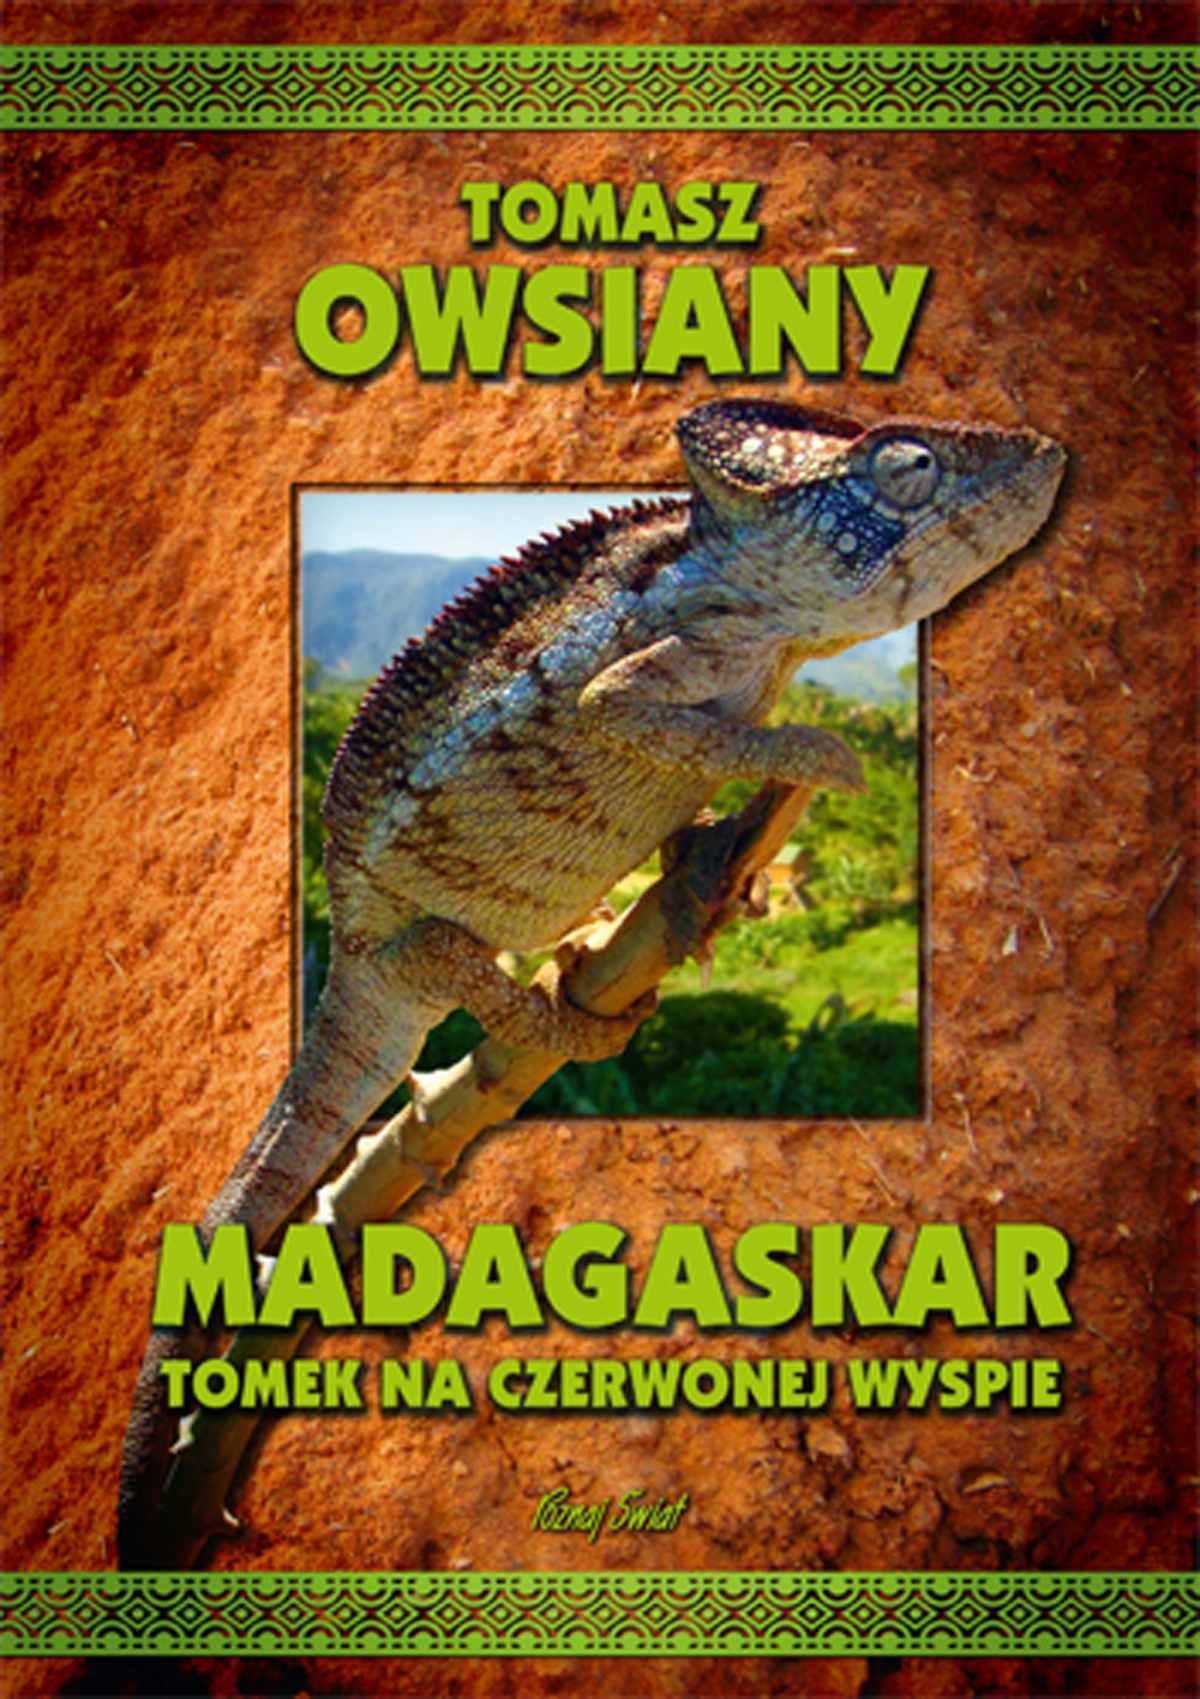 Madagaskar. Tomek na czerwonej wyspie - Ebook (Książka EPUB) do pobrania w formacie EPUB